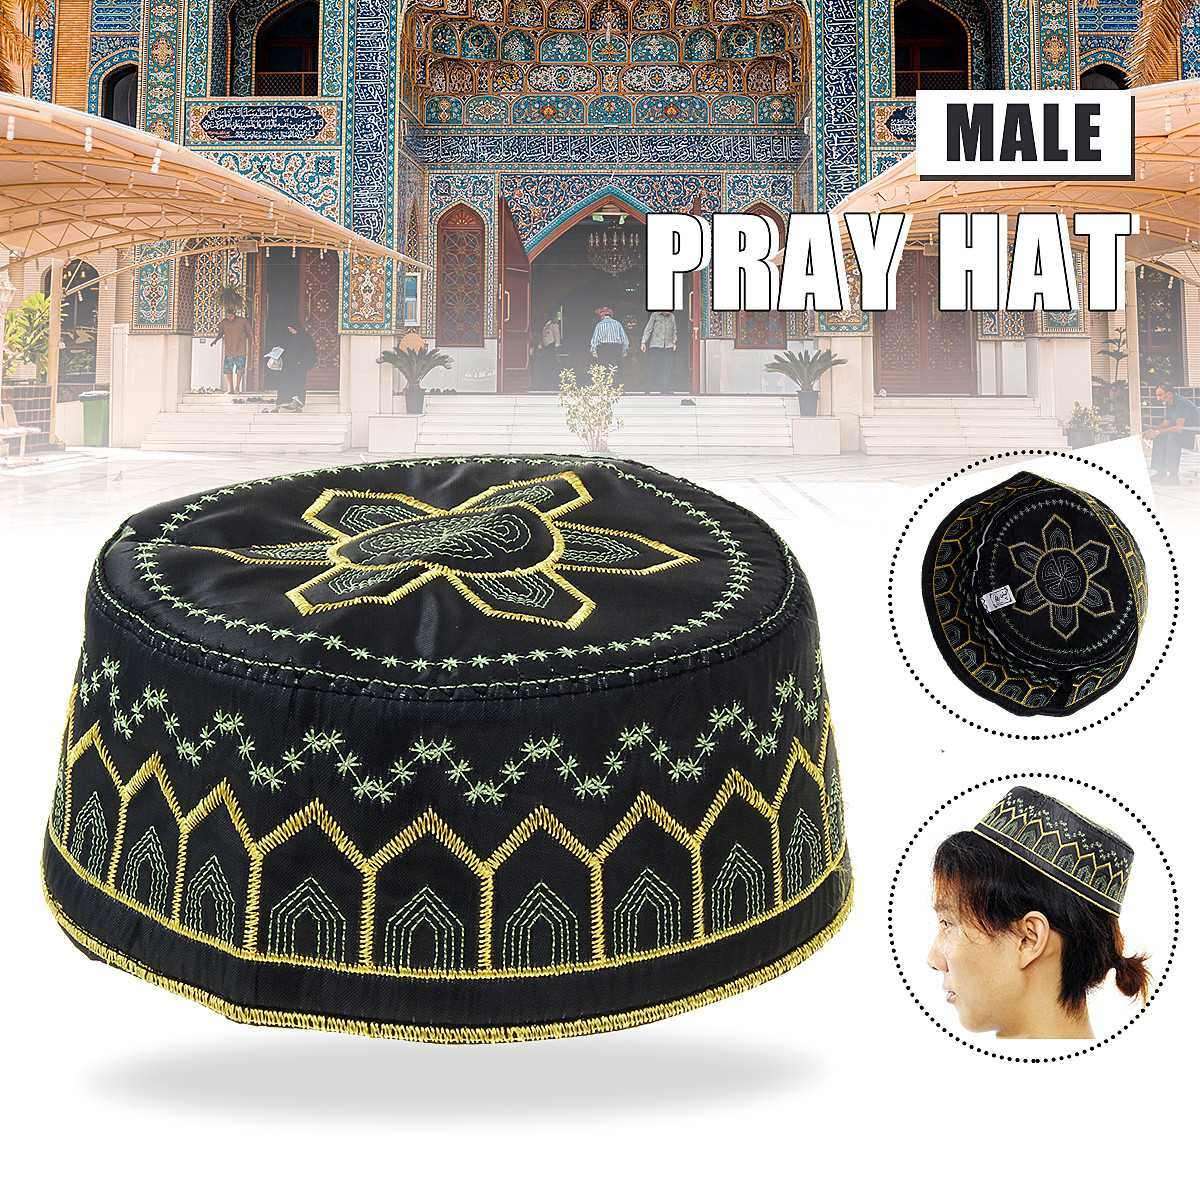 ใหม่แฟชั่นมุสลิมอิสลามสวดมนต์หมวกหมวกหมวกอินเดียหมวก Topi Kufi รอบหมวก Eid Ramadan Pray สำหรับชายมุสลิม dropshipping 2019